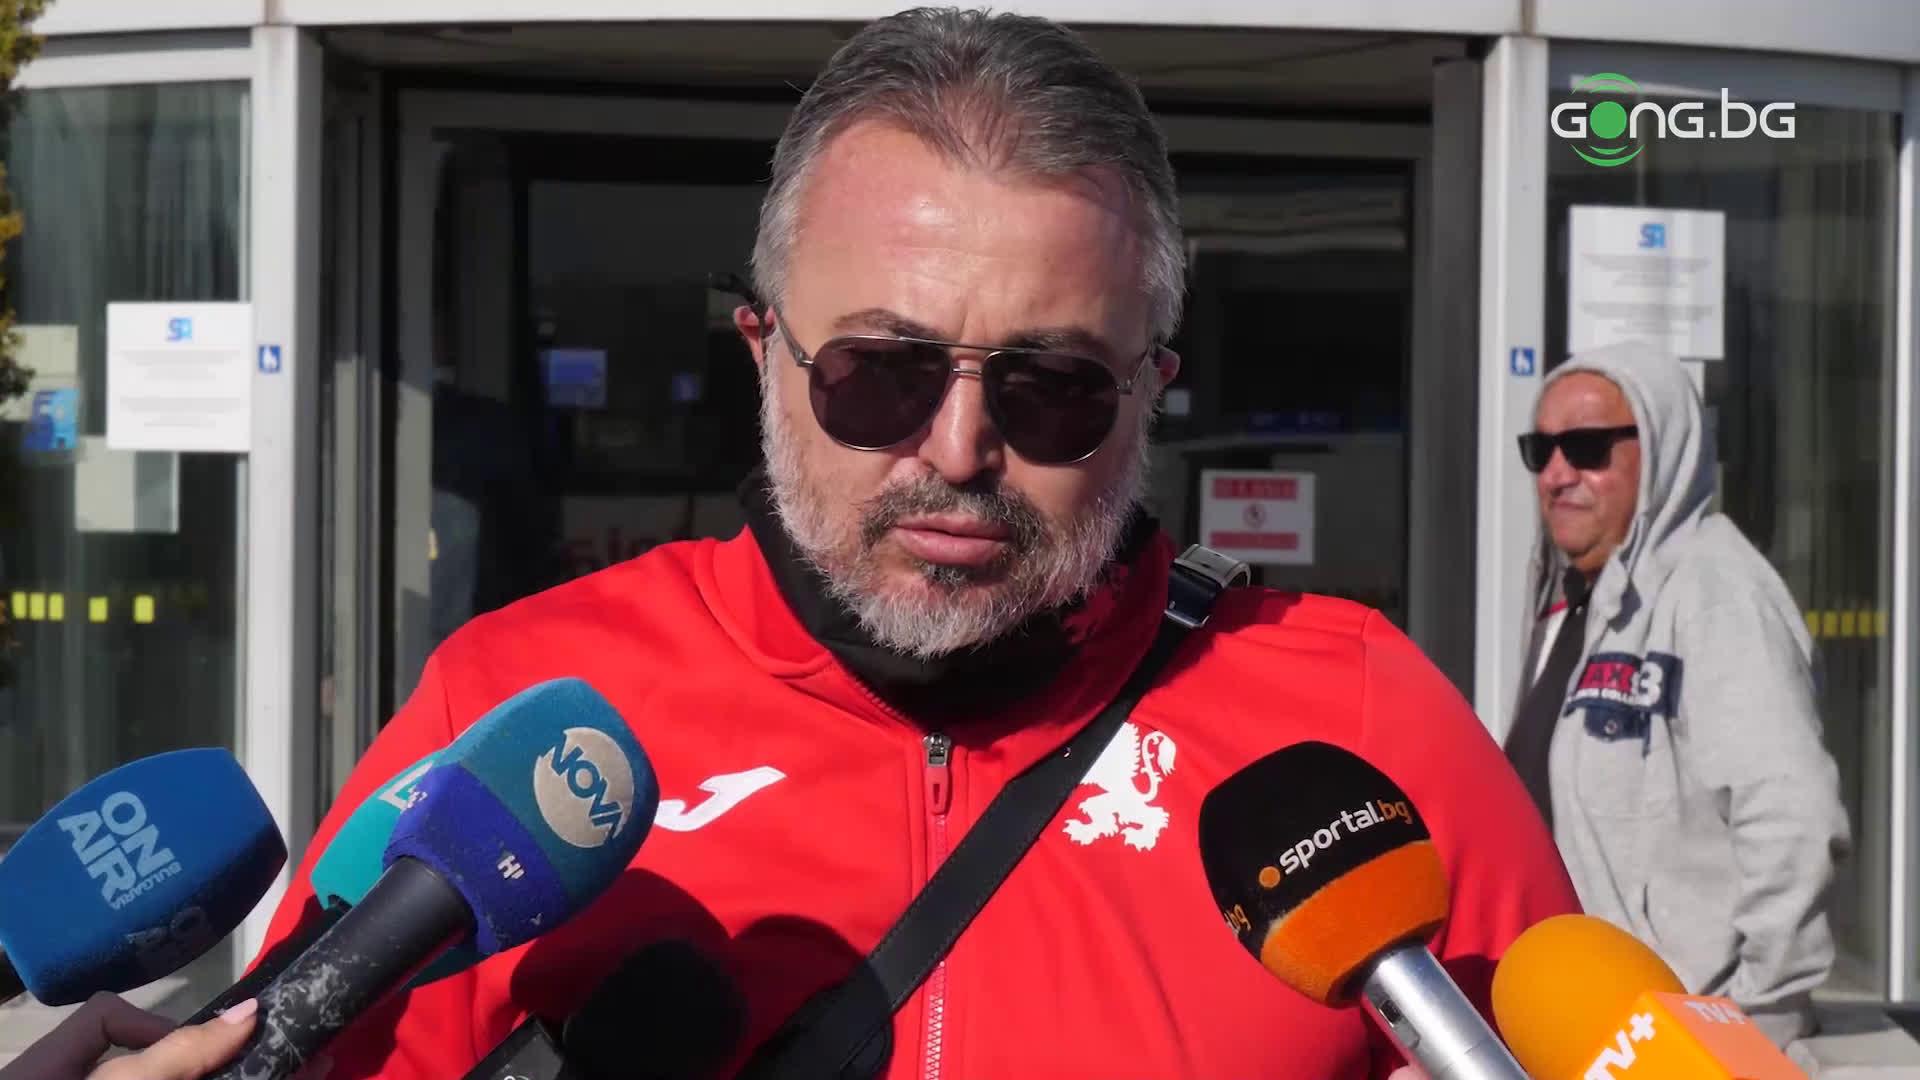 Ясен Петров: Искаме млад отбор, който да не го е страх от никой съперник